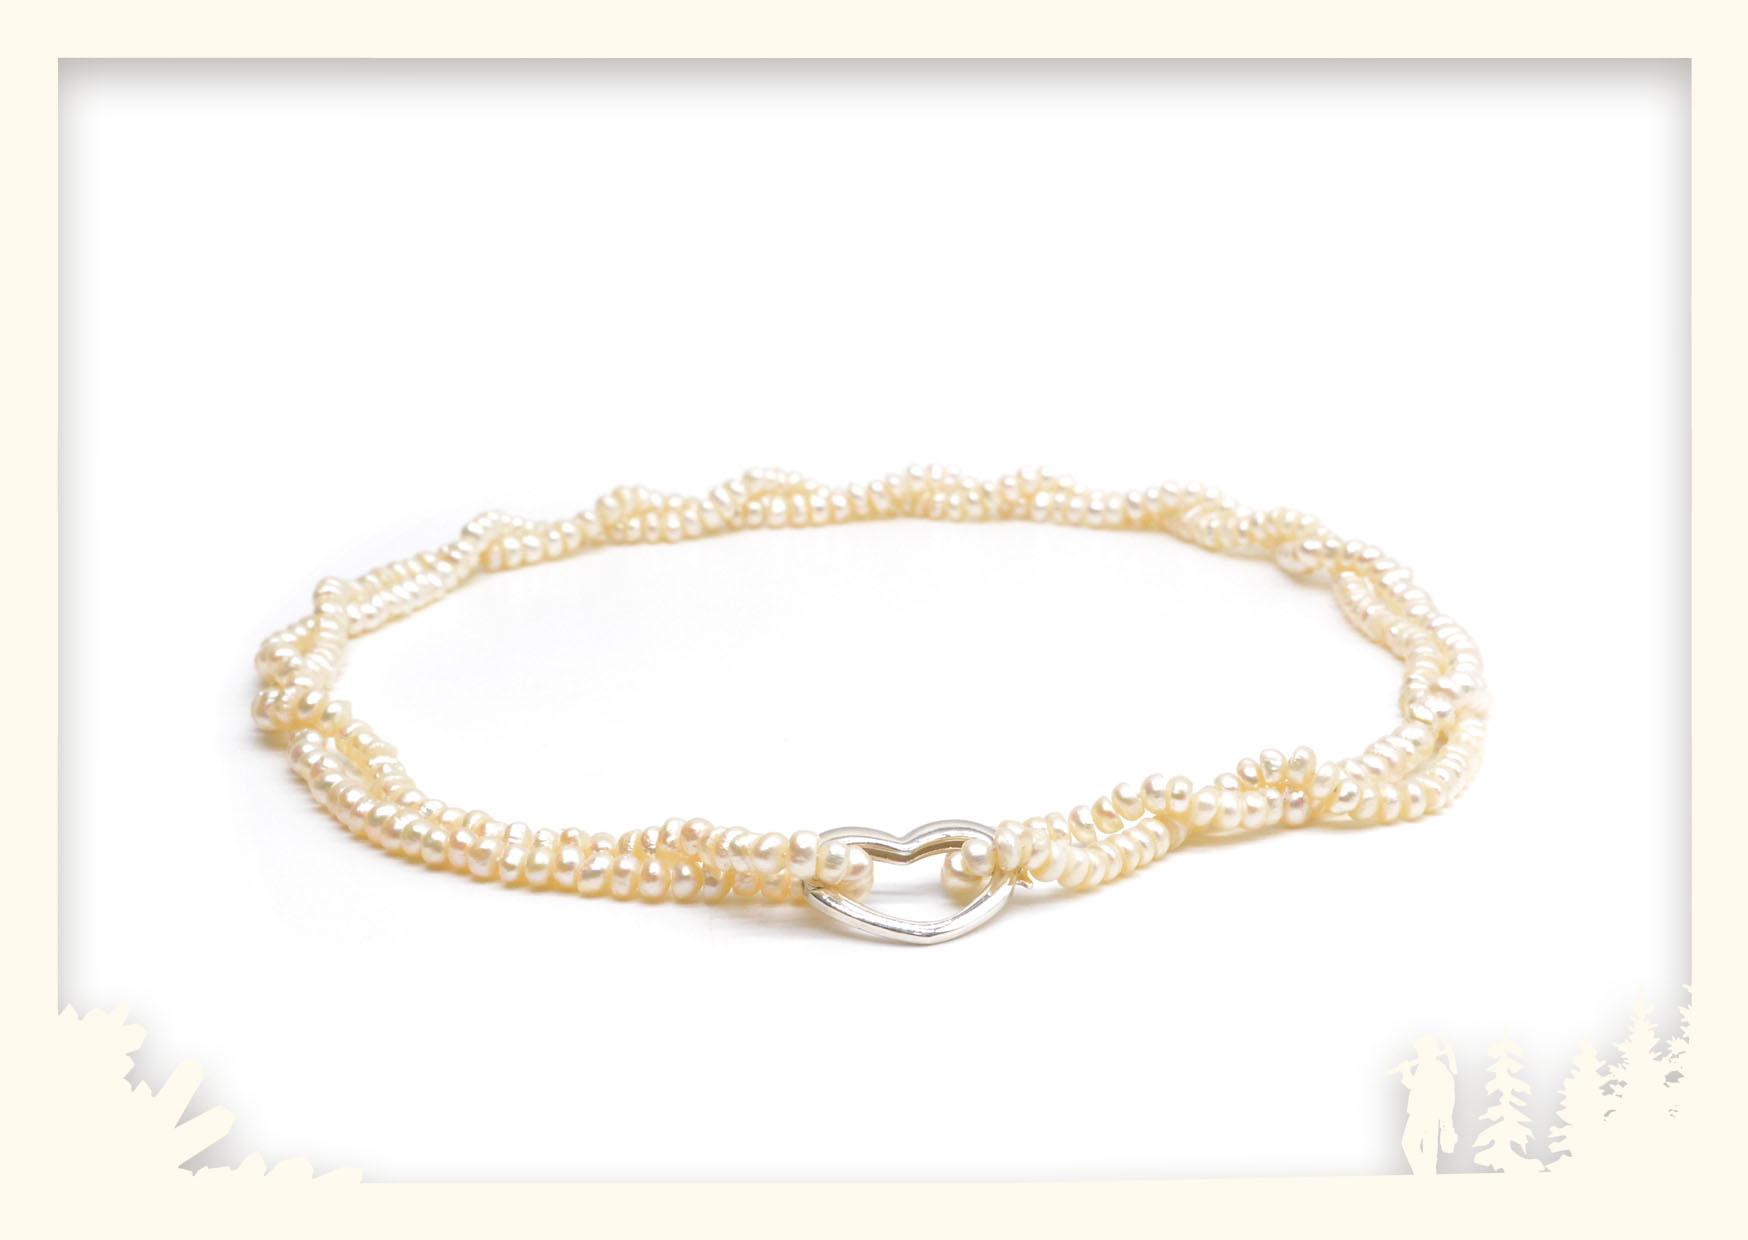 Perlenkette mit Herz Image